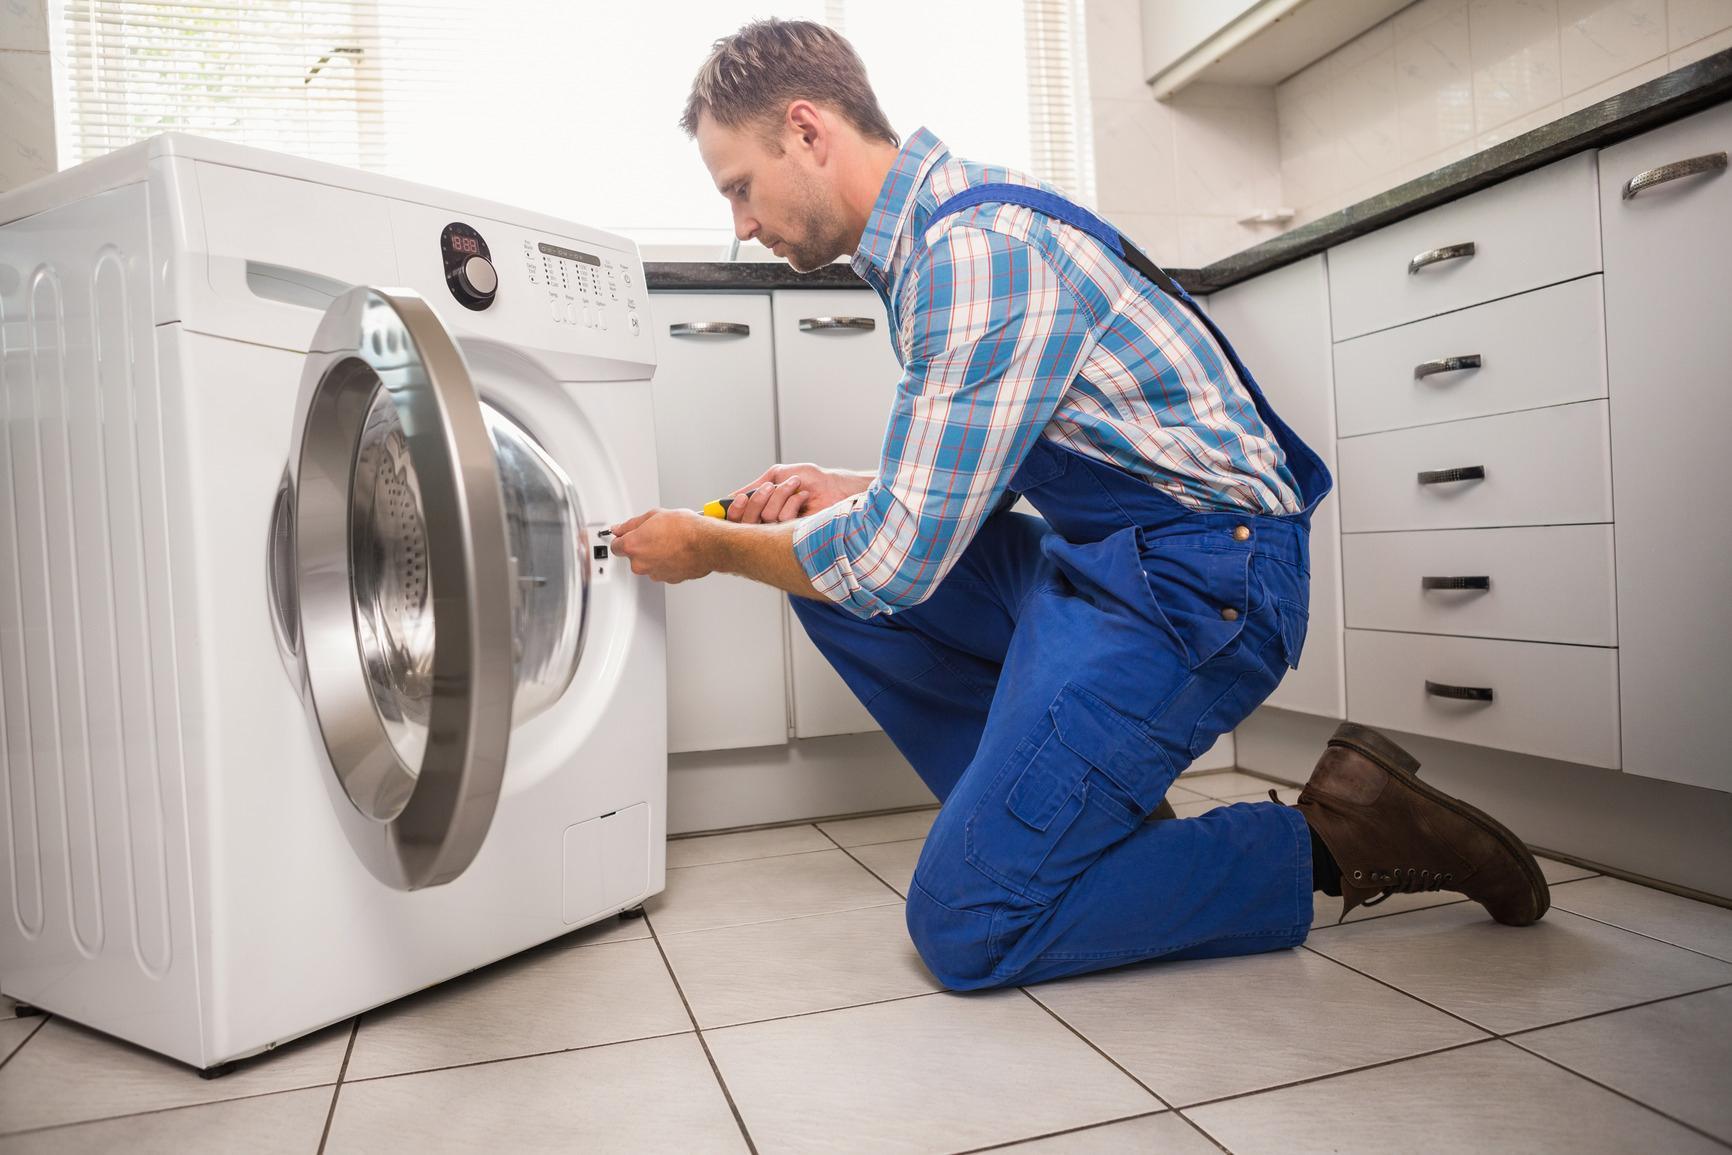 Sau khi hoàn chỉnh các bước lắp máy giặt trên bạn có thể bắt đầu sử dụng